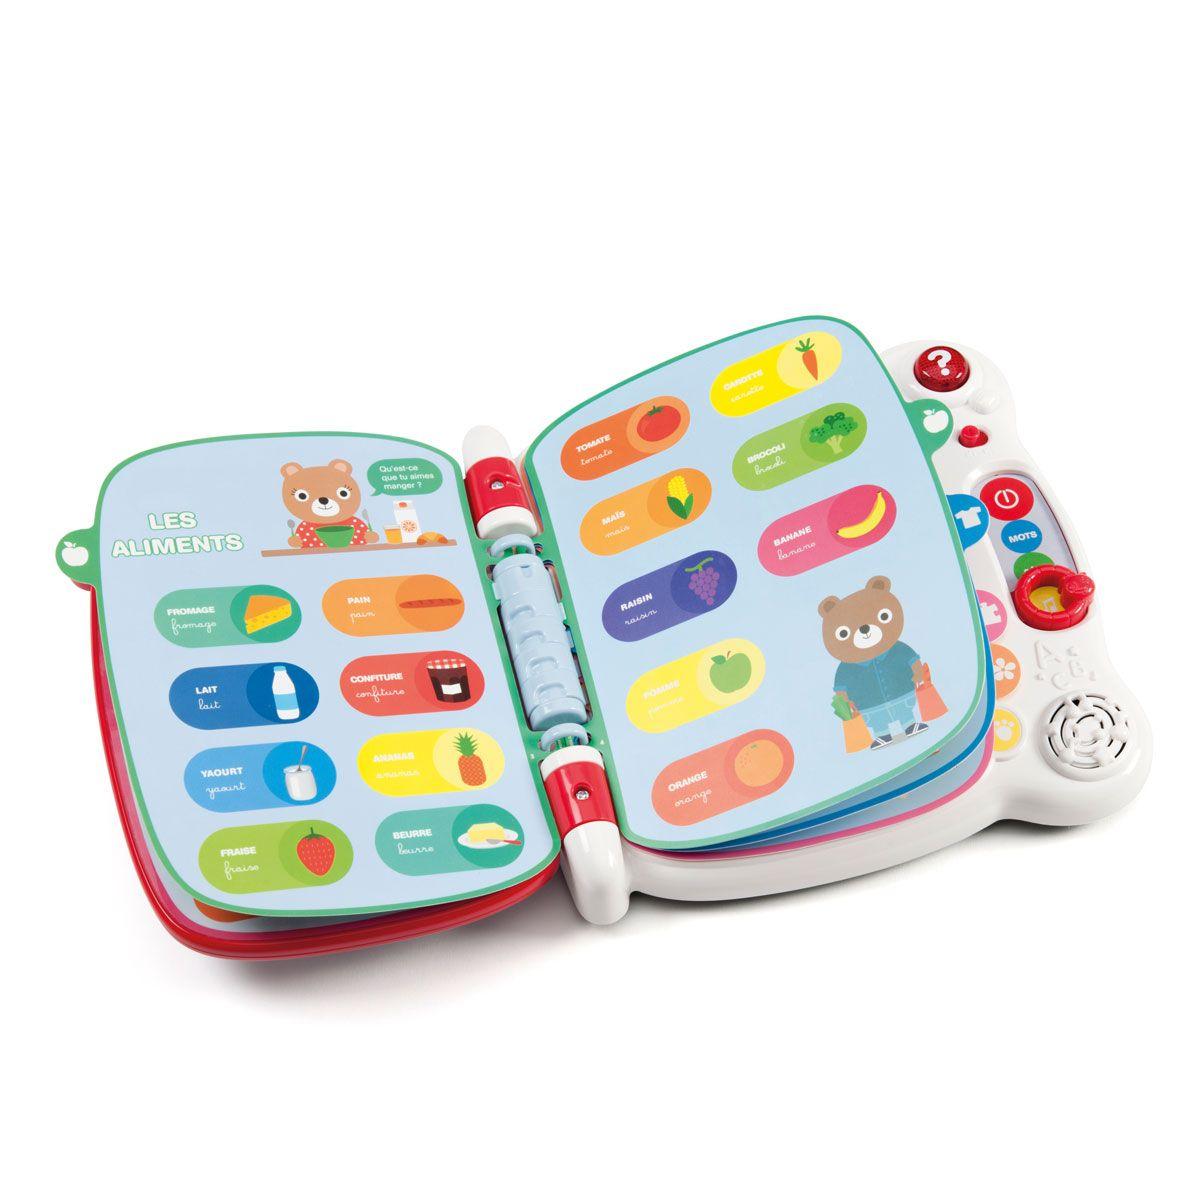 Premier Imagier Interactif Vtech | Premiers Sons, Jeux Pour encequiconcerne Jeux Pour Enfant De 5 Ans